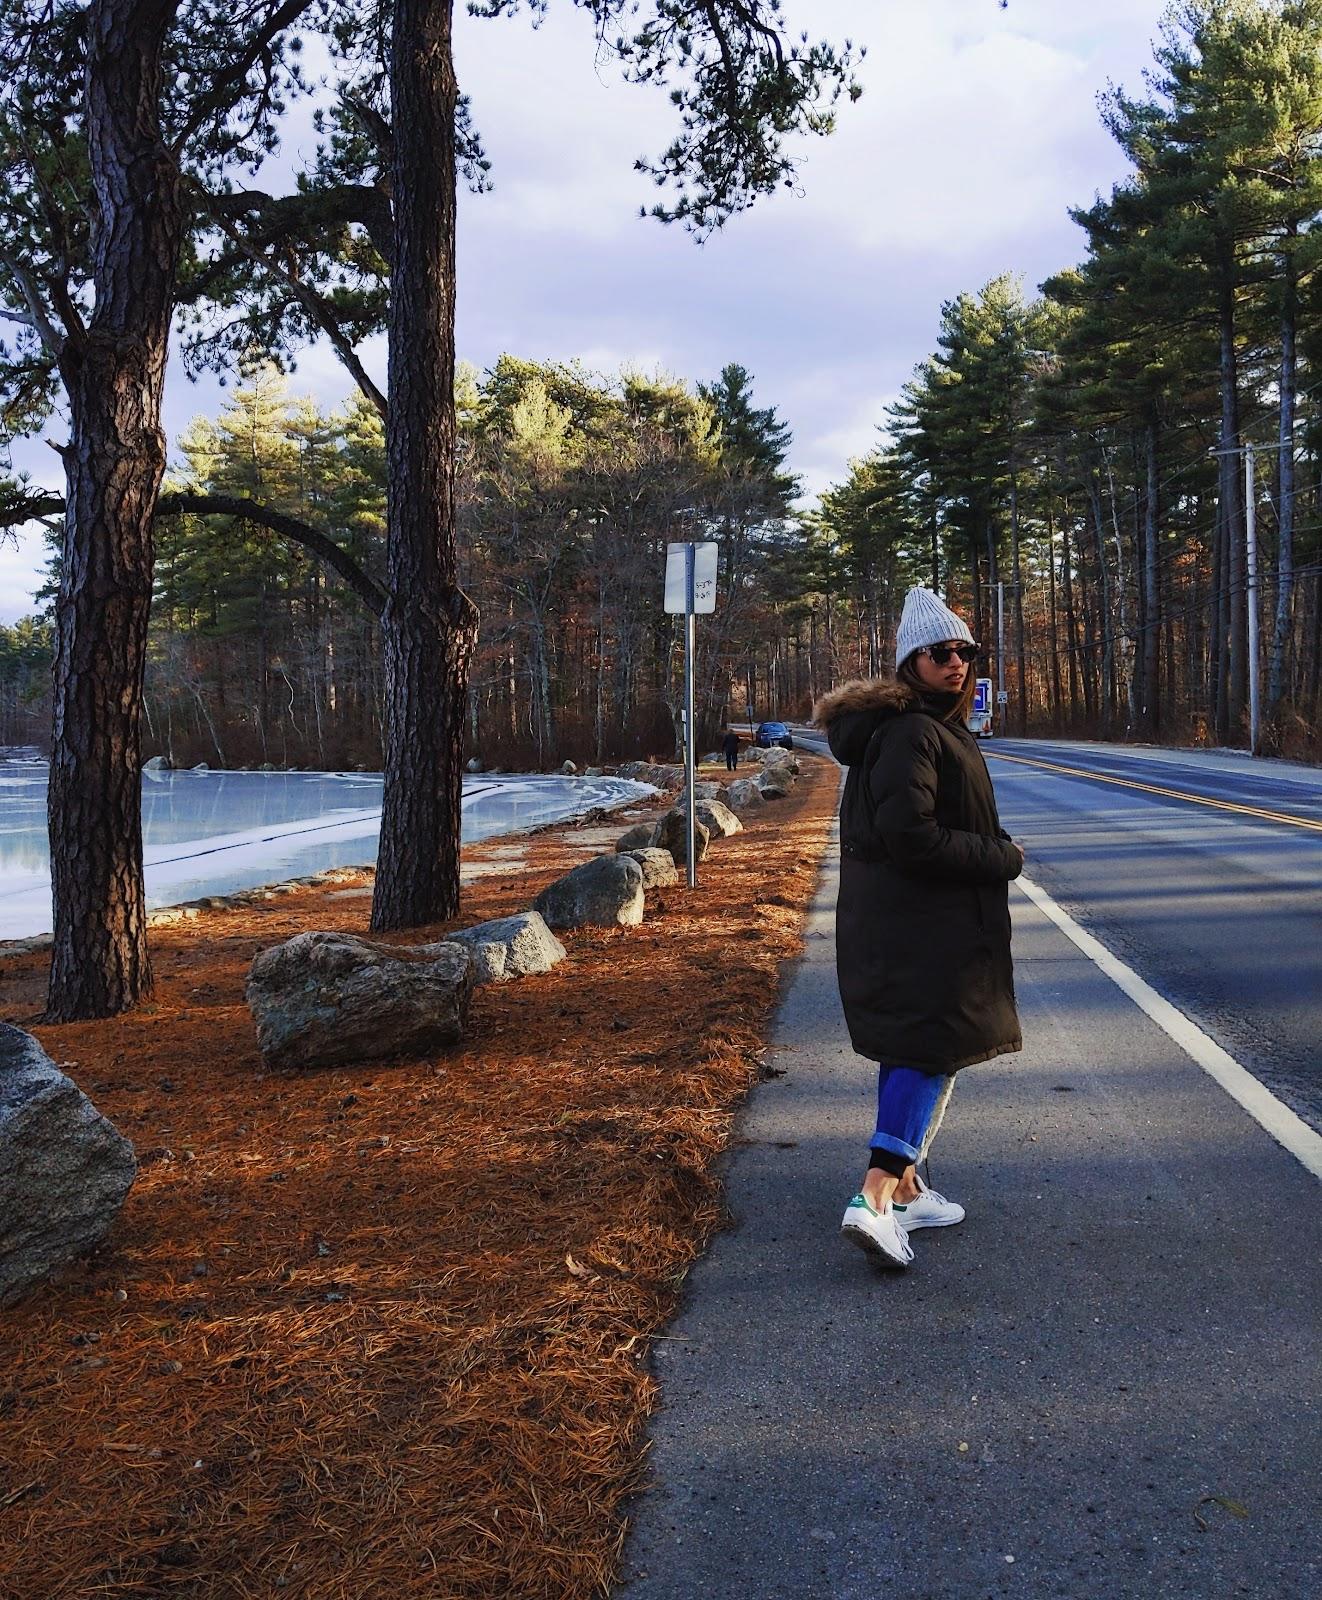 יום טיול מסלול בניו המפשייר צפון מזרח ארהב החוף המזרחי ארצות הברית